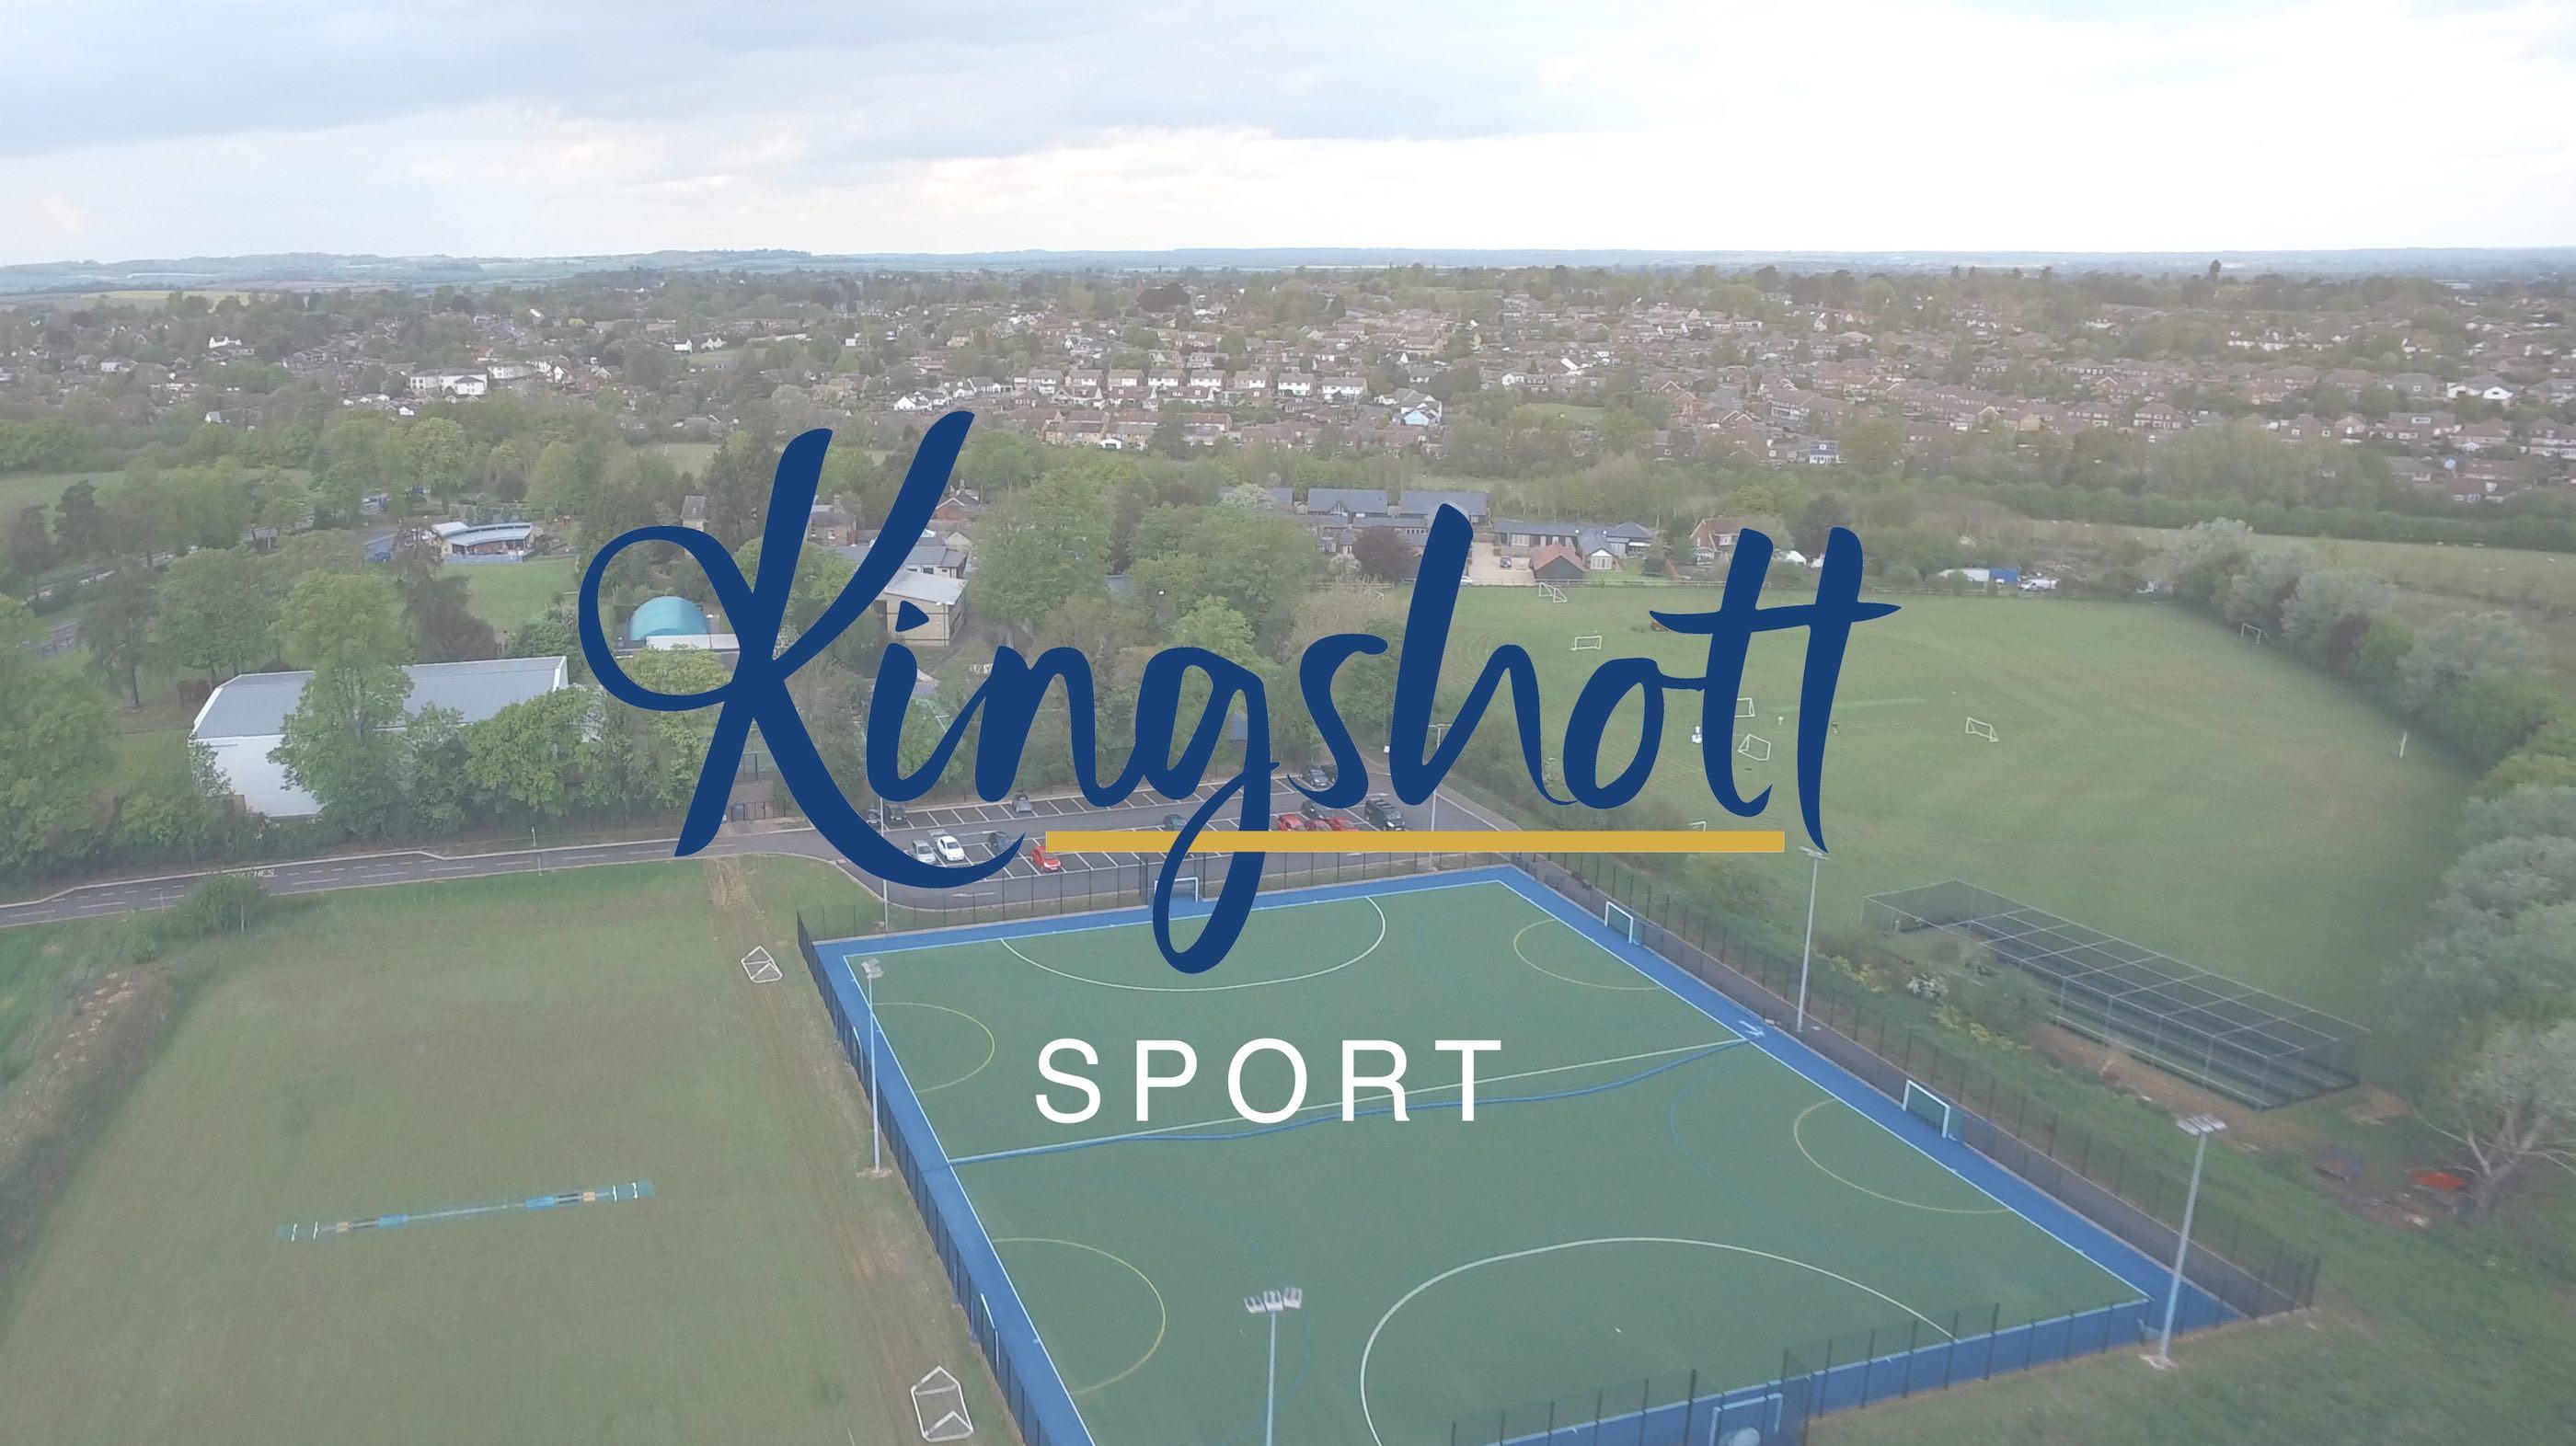 Kingshott - Sport